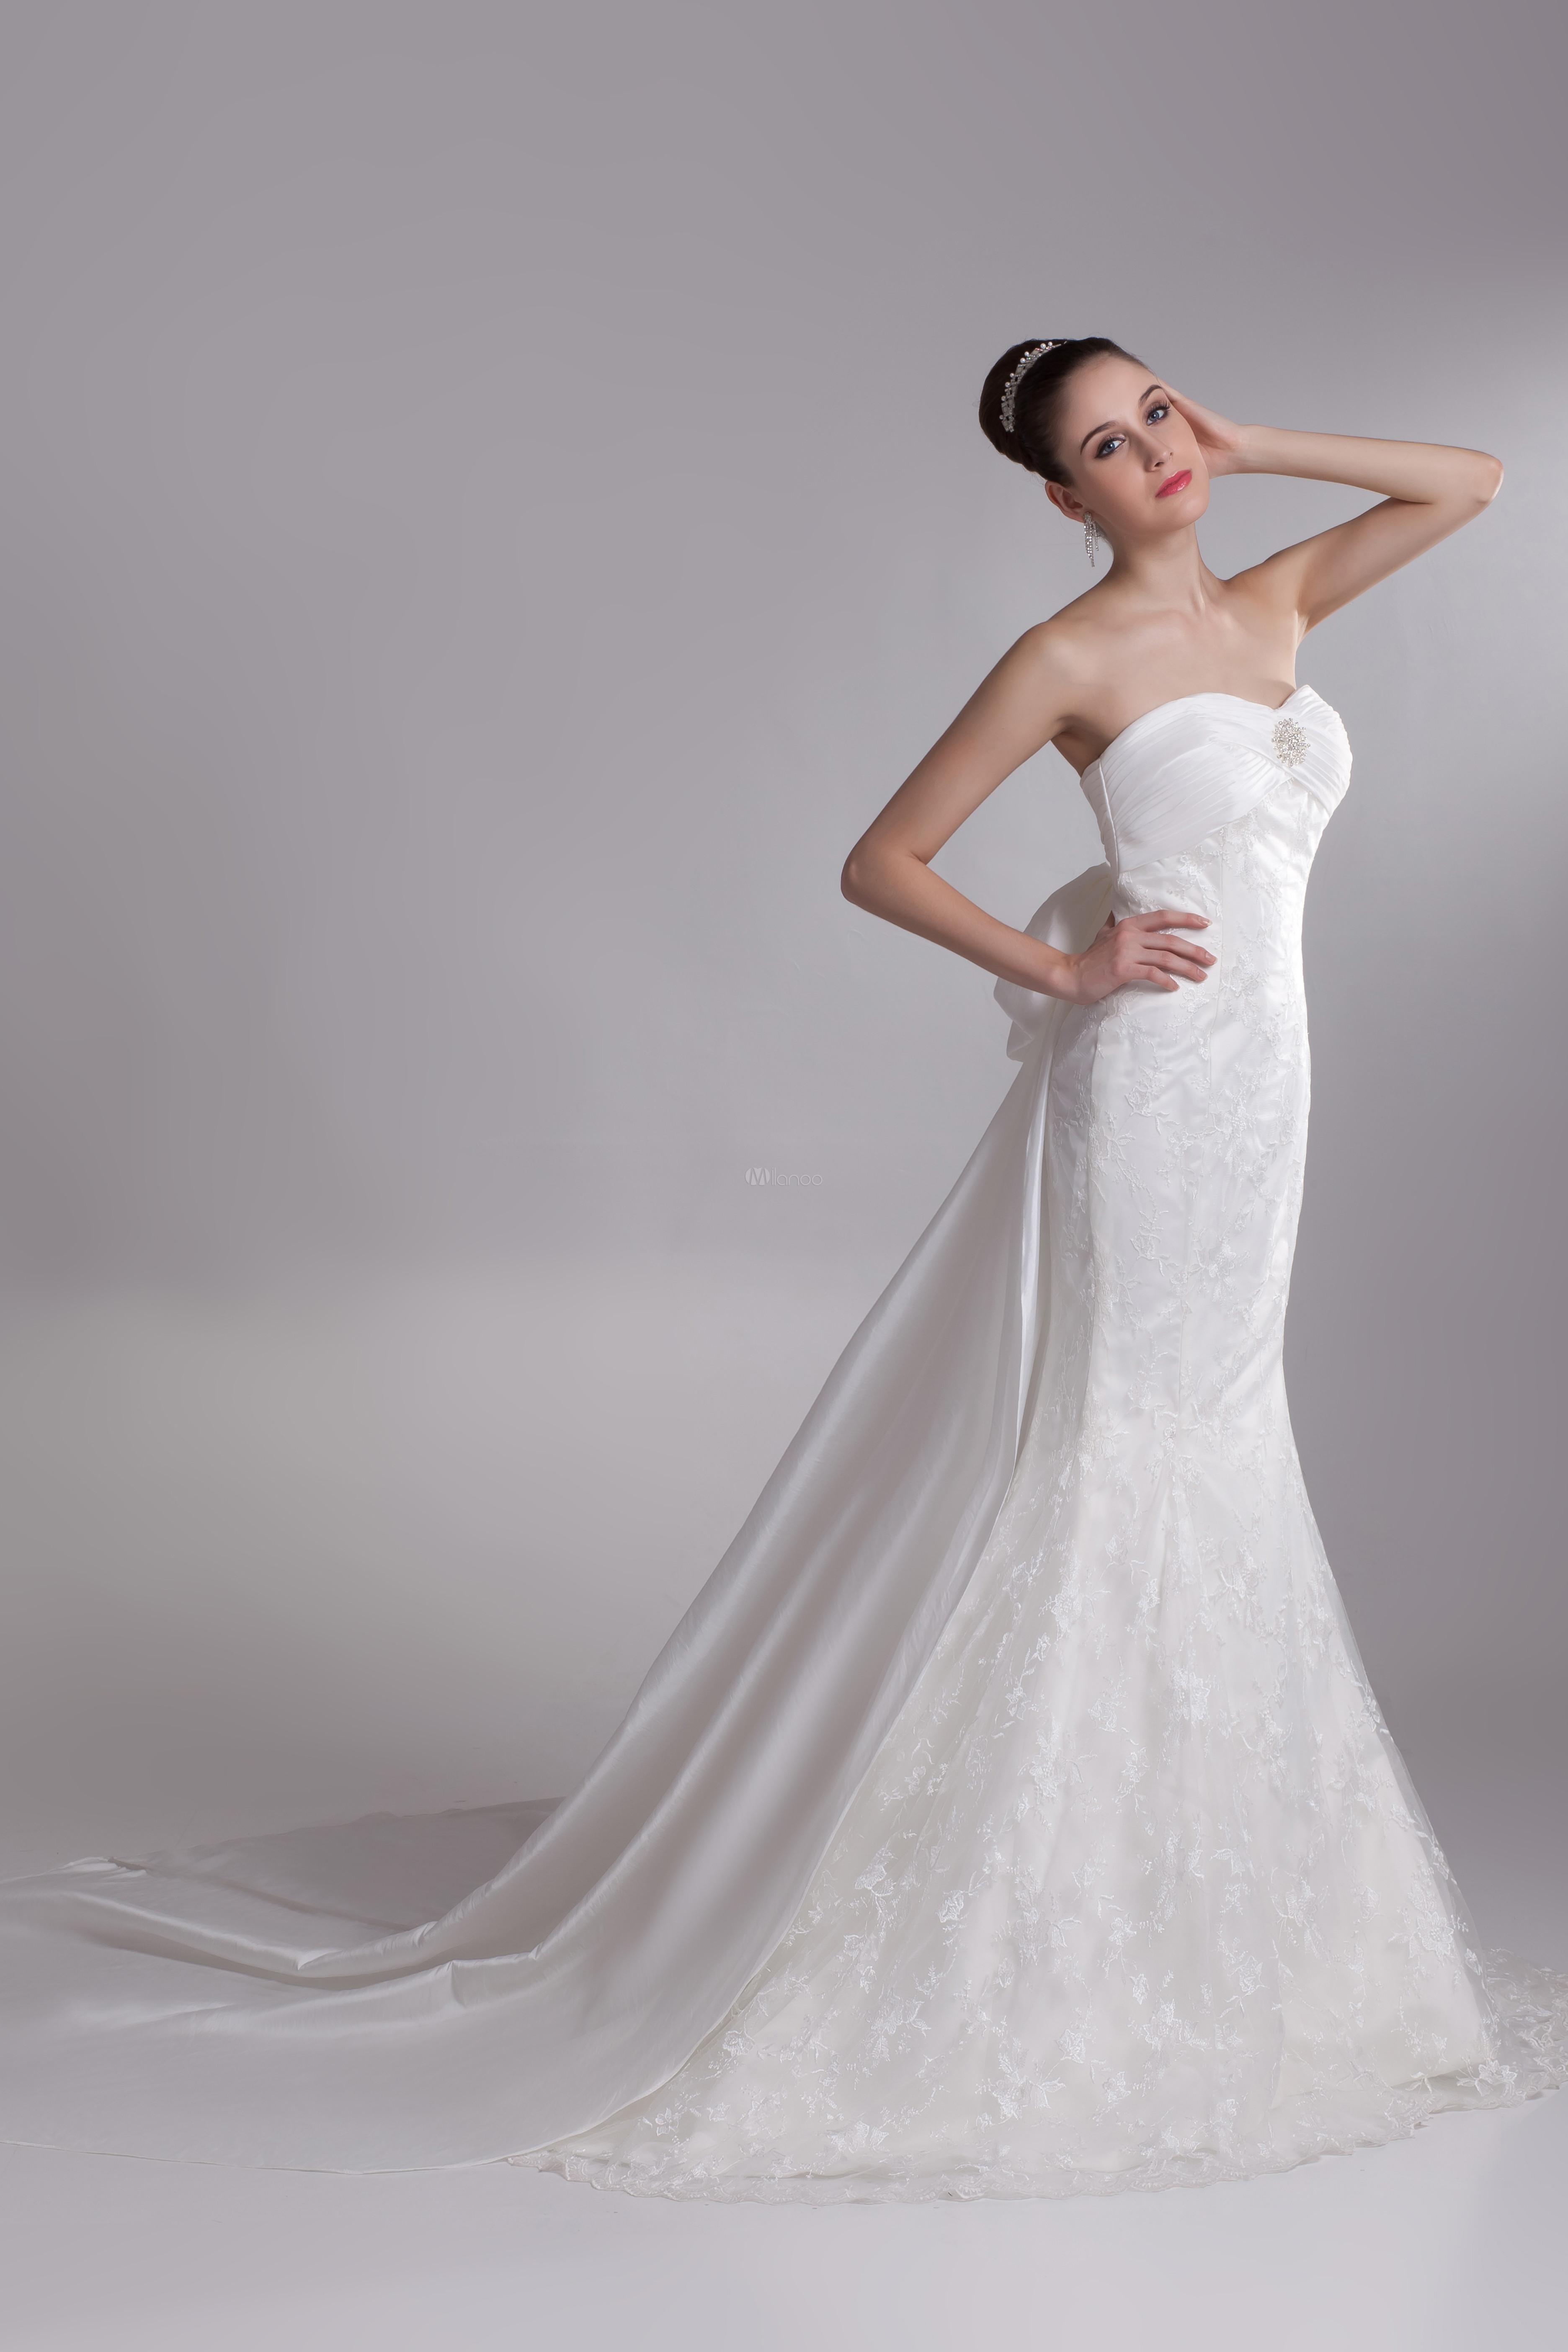 5bf4a31c9 ... Vestido de novia marfil con encajes y escote de corazón de cola larga  de estilo Sirena ...